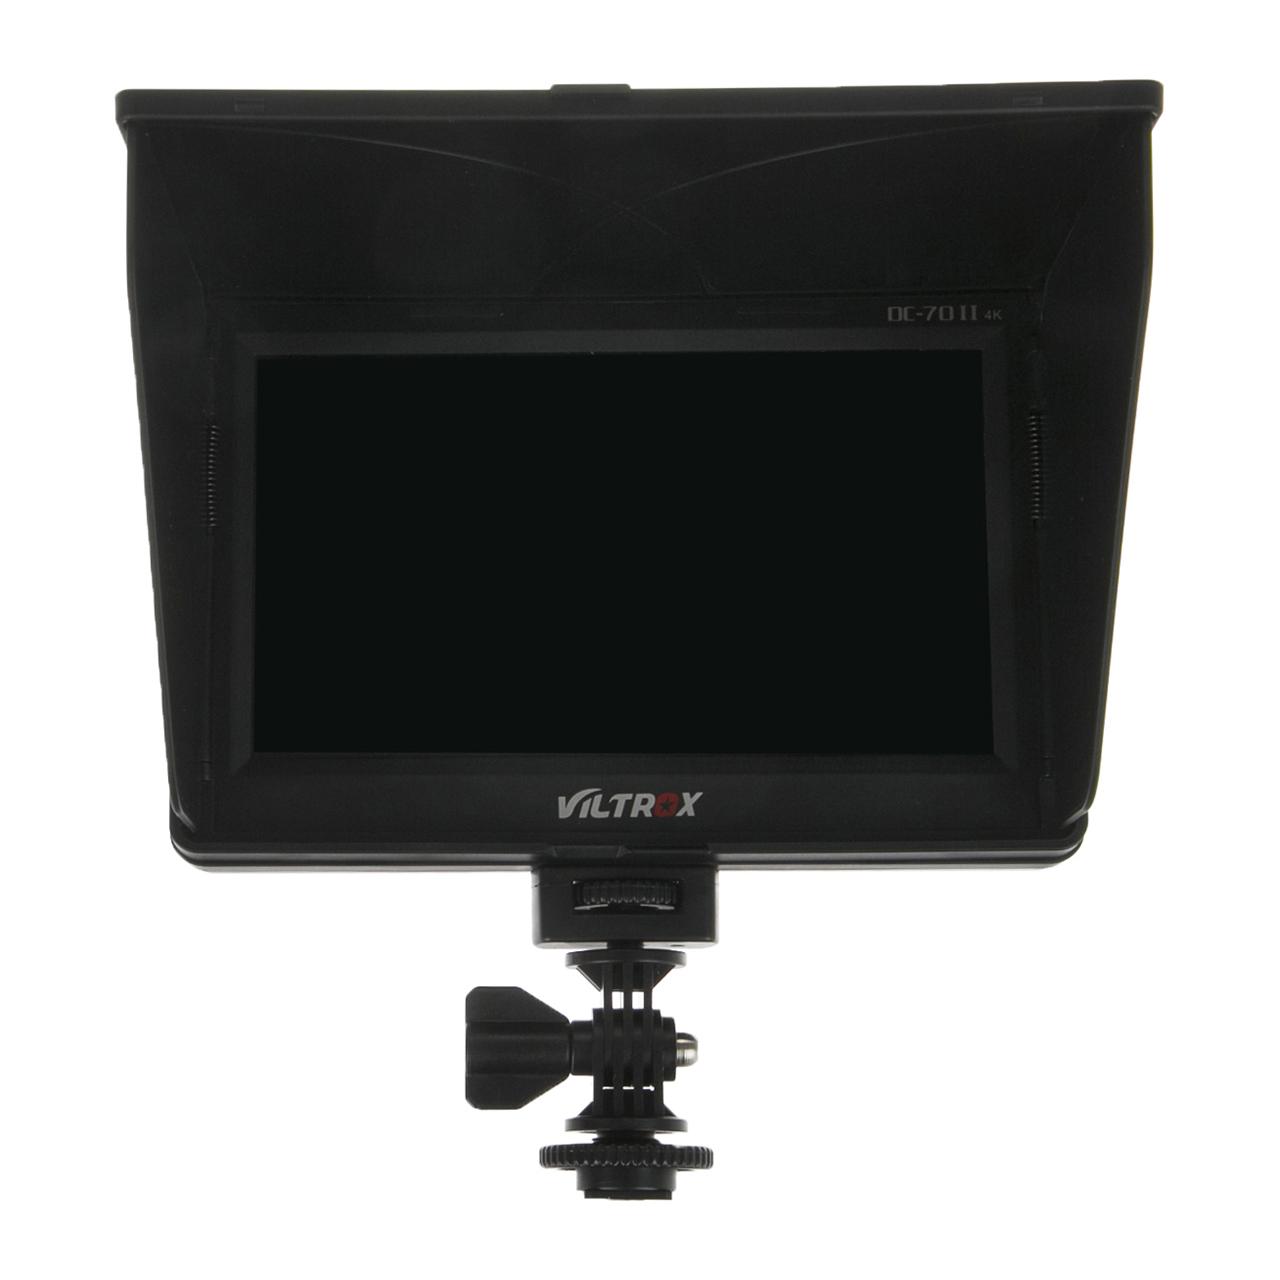 مانیتور  7 اینچ ویلتراکس مدل DC-70 II مناسب برای دوربین های دیجیتال